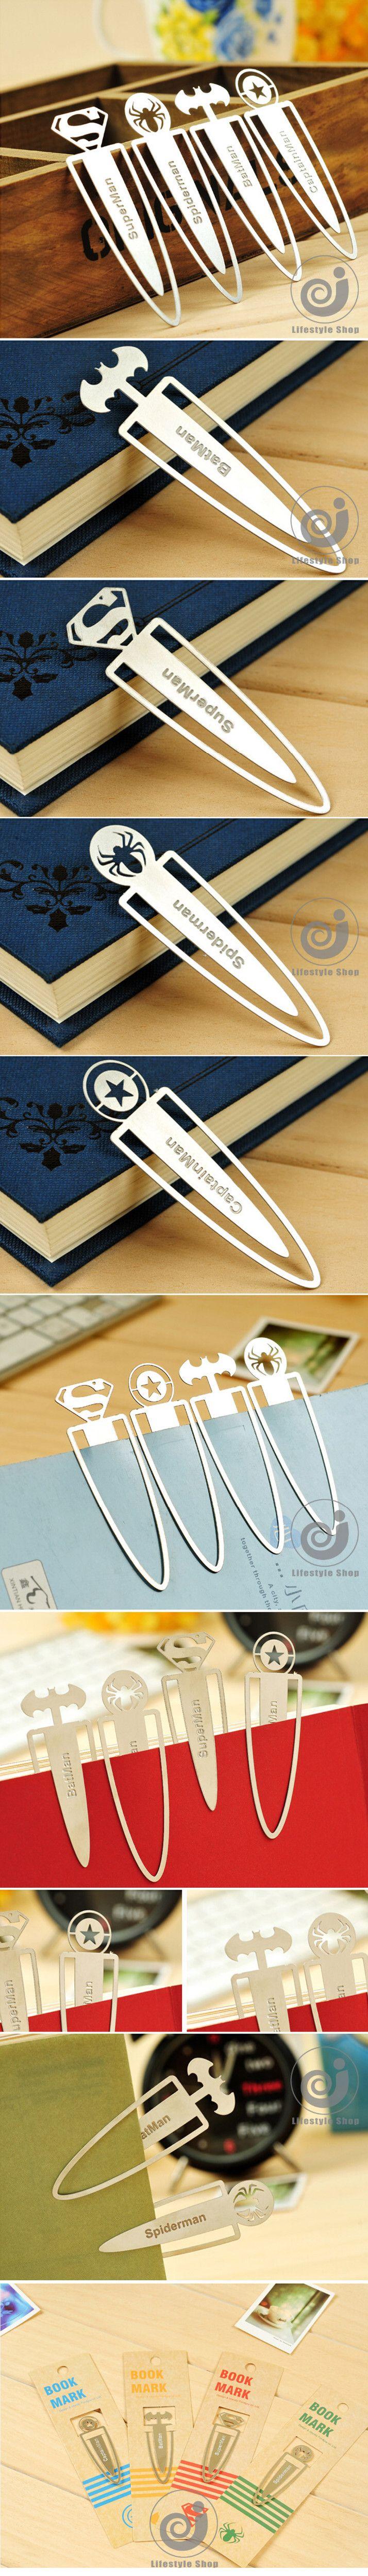 4 pçs/lote dos desenhos animados herói série mini metal marcador livro titular marcador de livro material escolar papelaria papelaria em Marcador de páginas de Escritório & material escolar no AliExpress.com   Alibaba Group